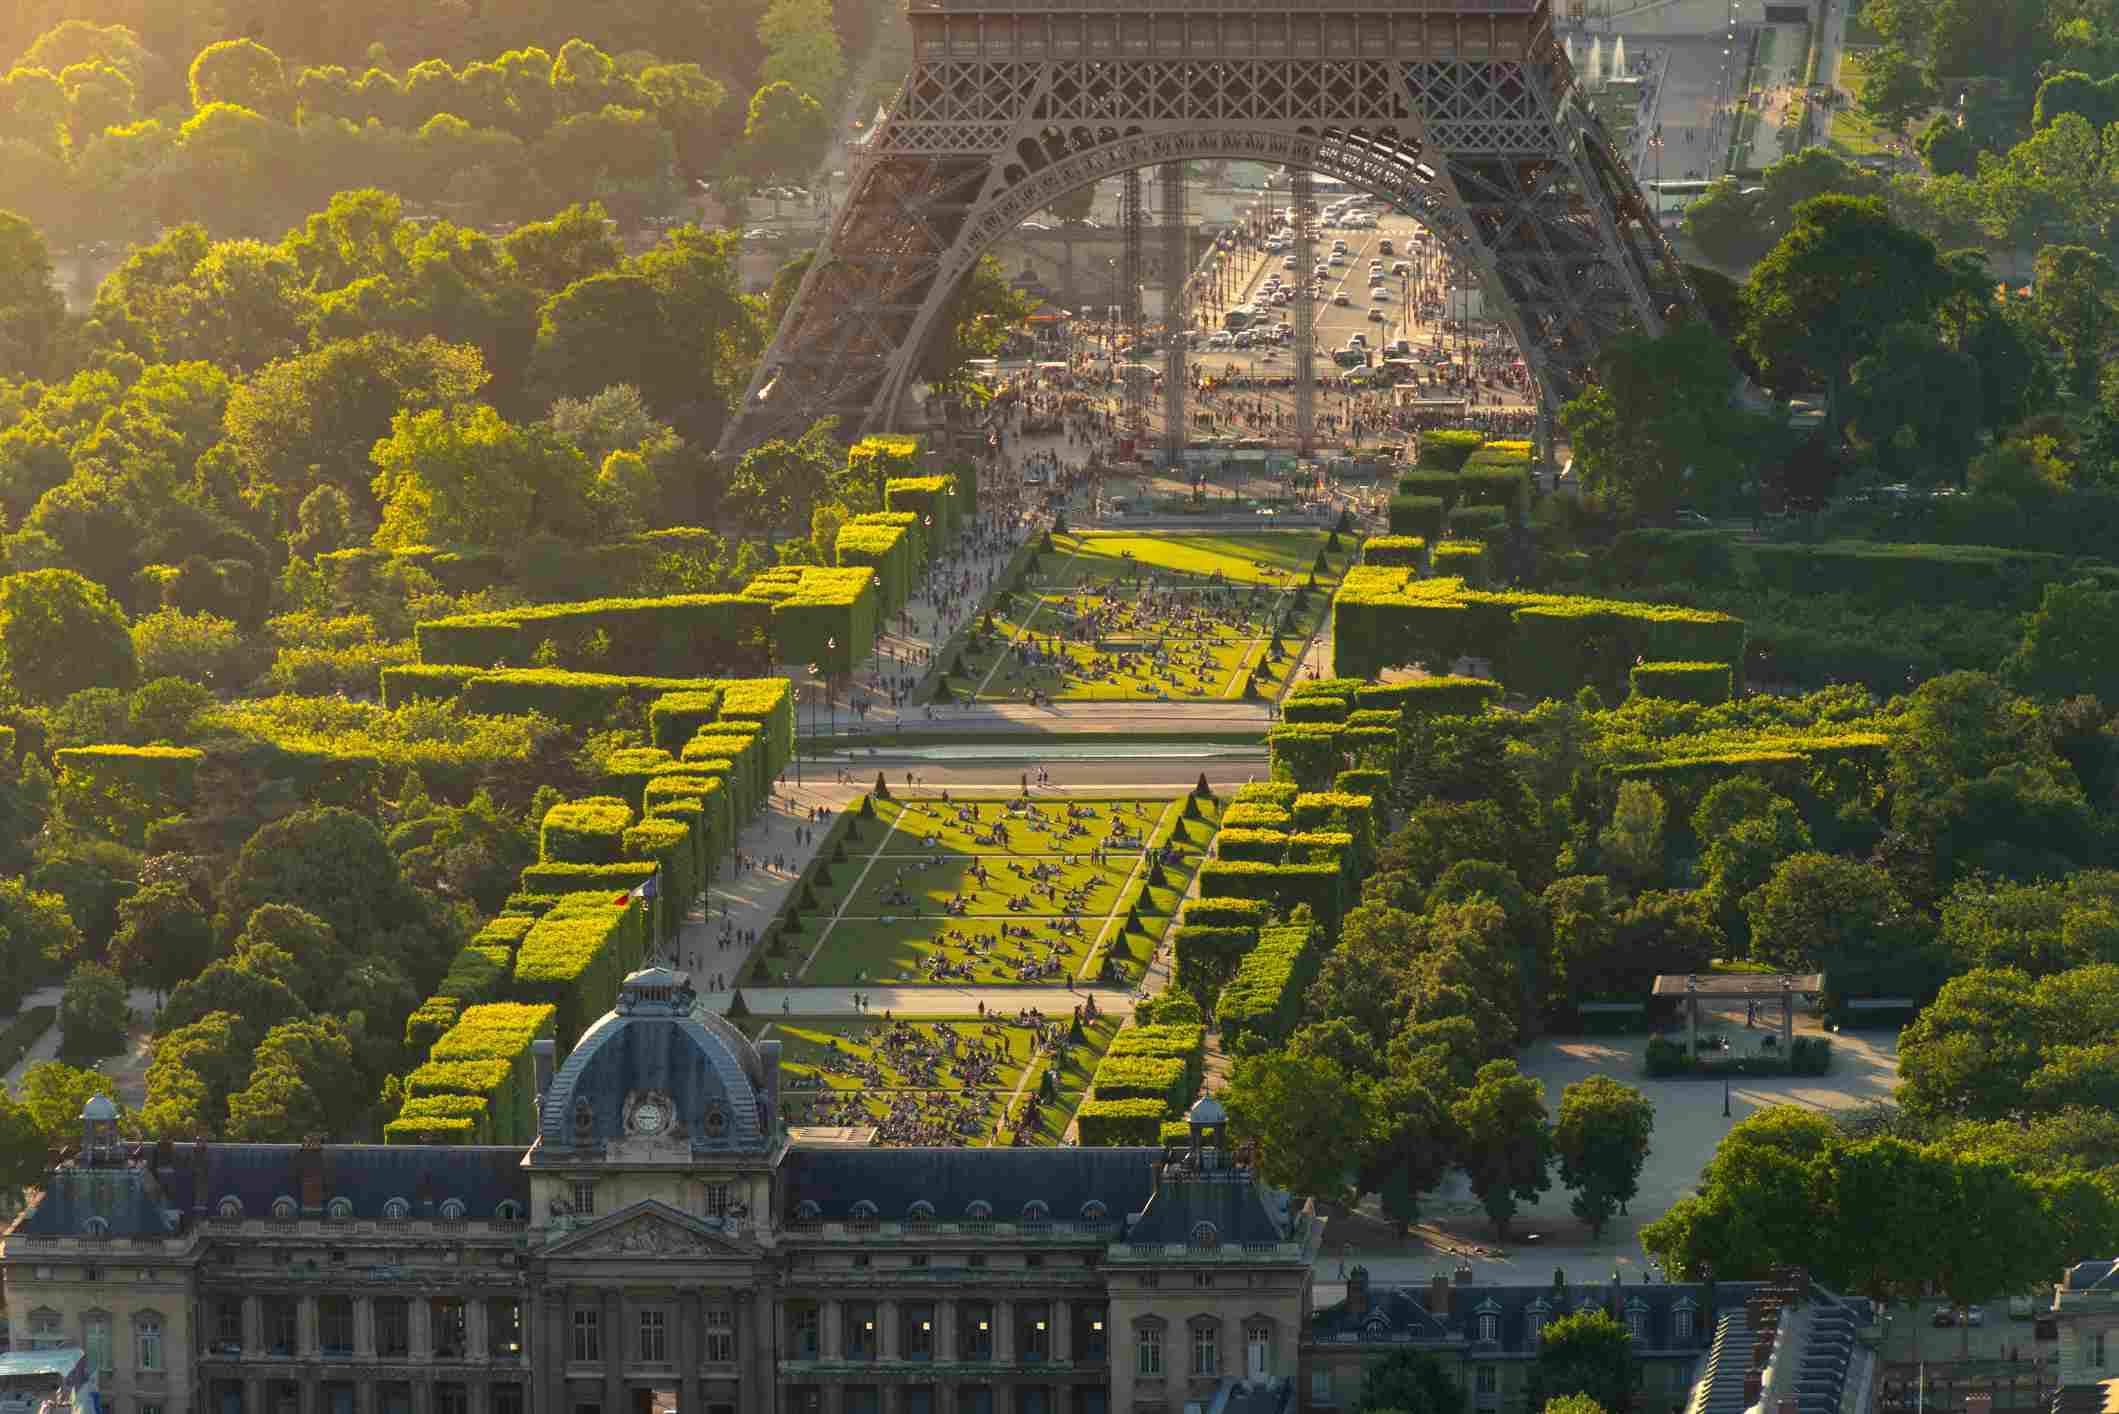 Єлисейські поля марсове поле Париж туристичні локації